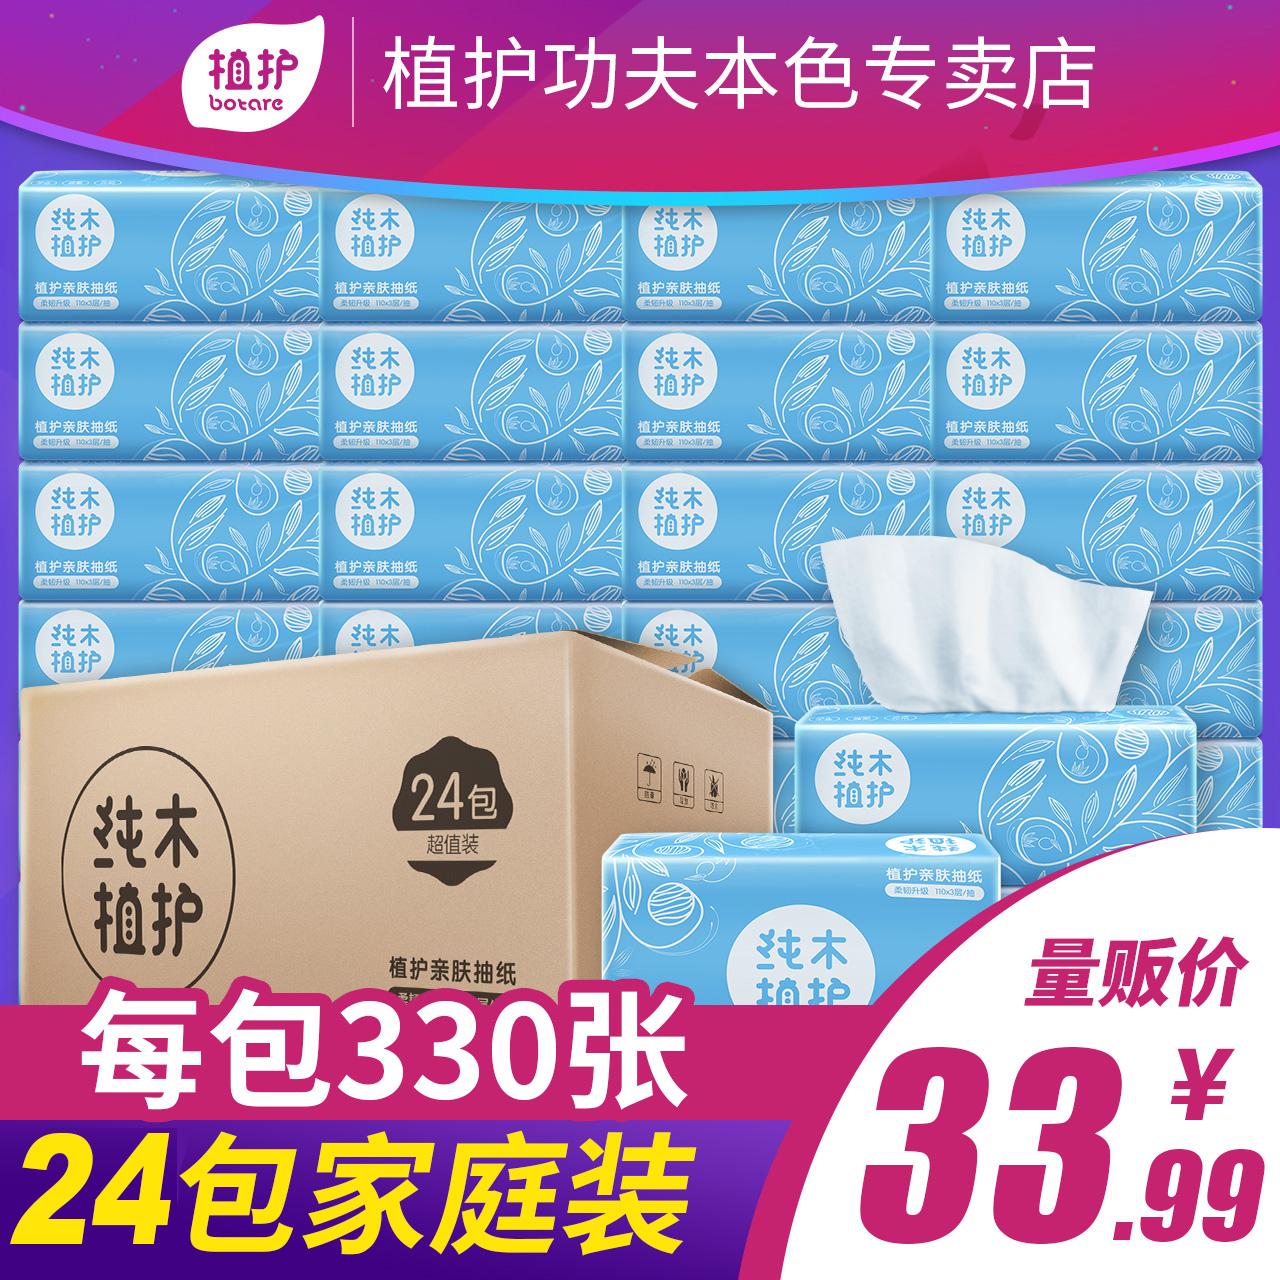 纯木植护24包整箱批发家庭装卫生纸33.99元包邮